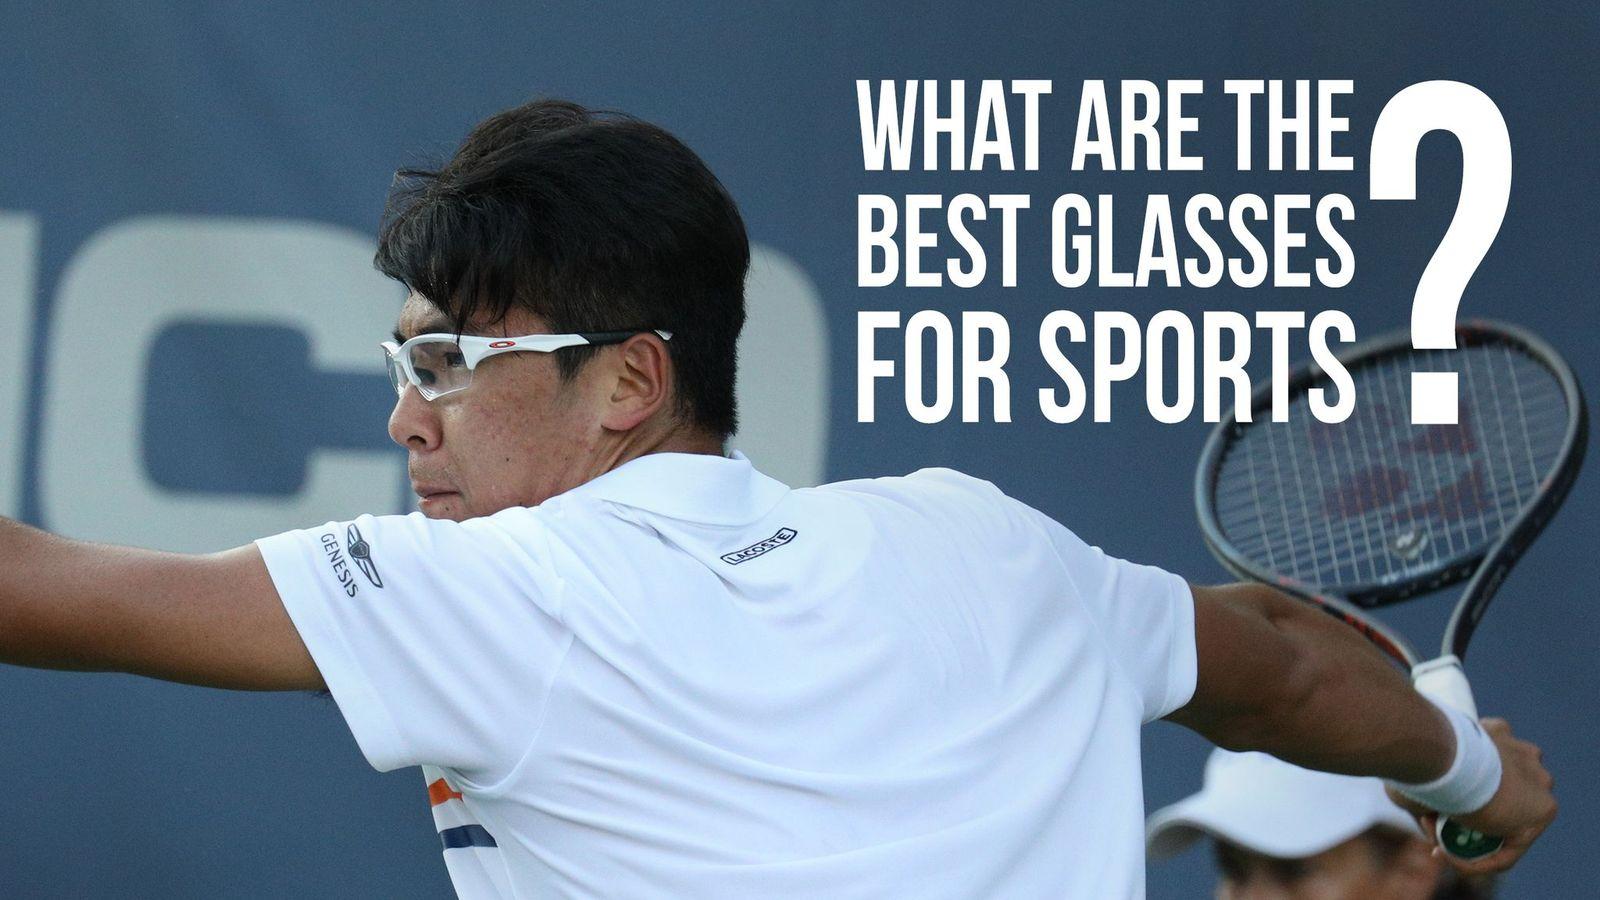 Best Glasses for Sports Header